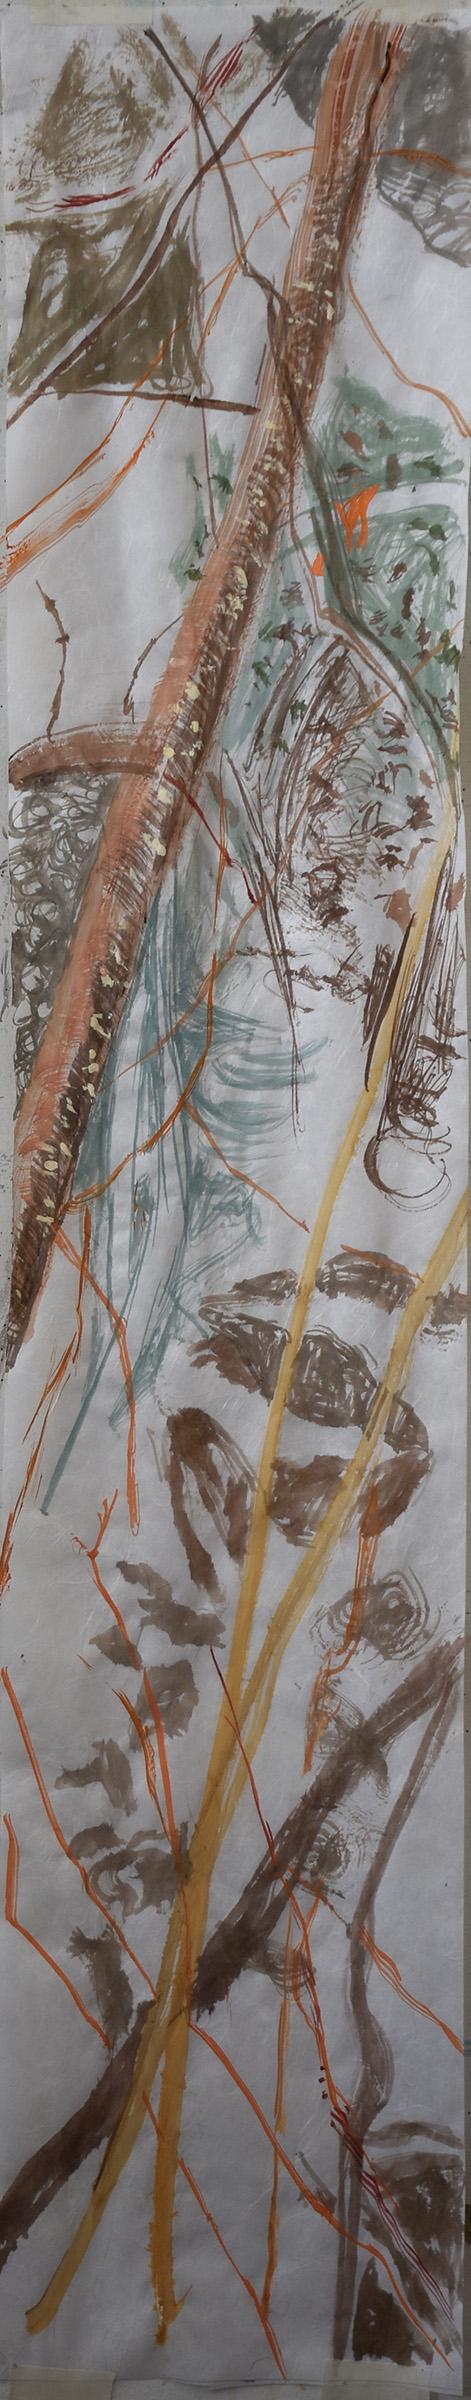 SITE--2-25-17 creek scroll.jpg